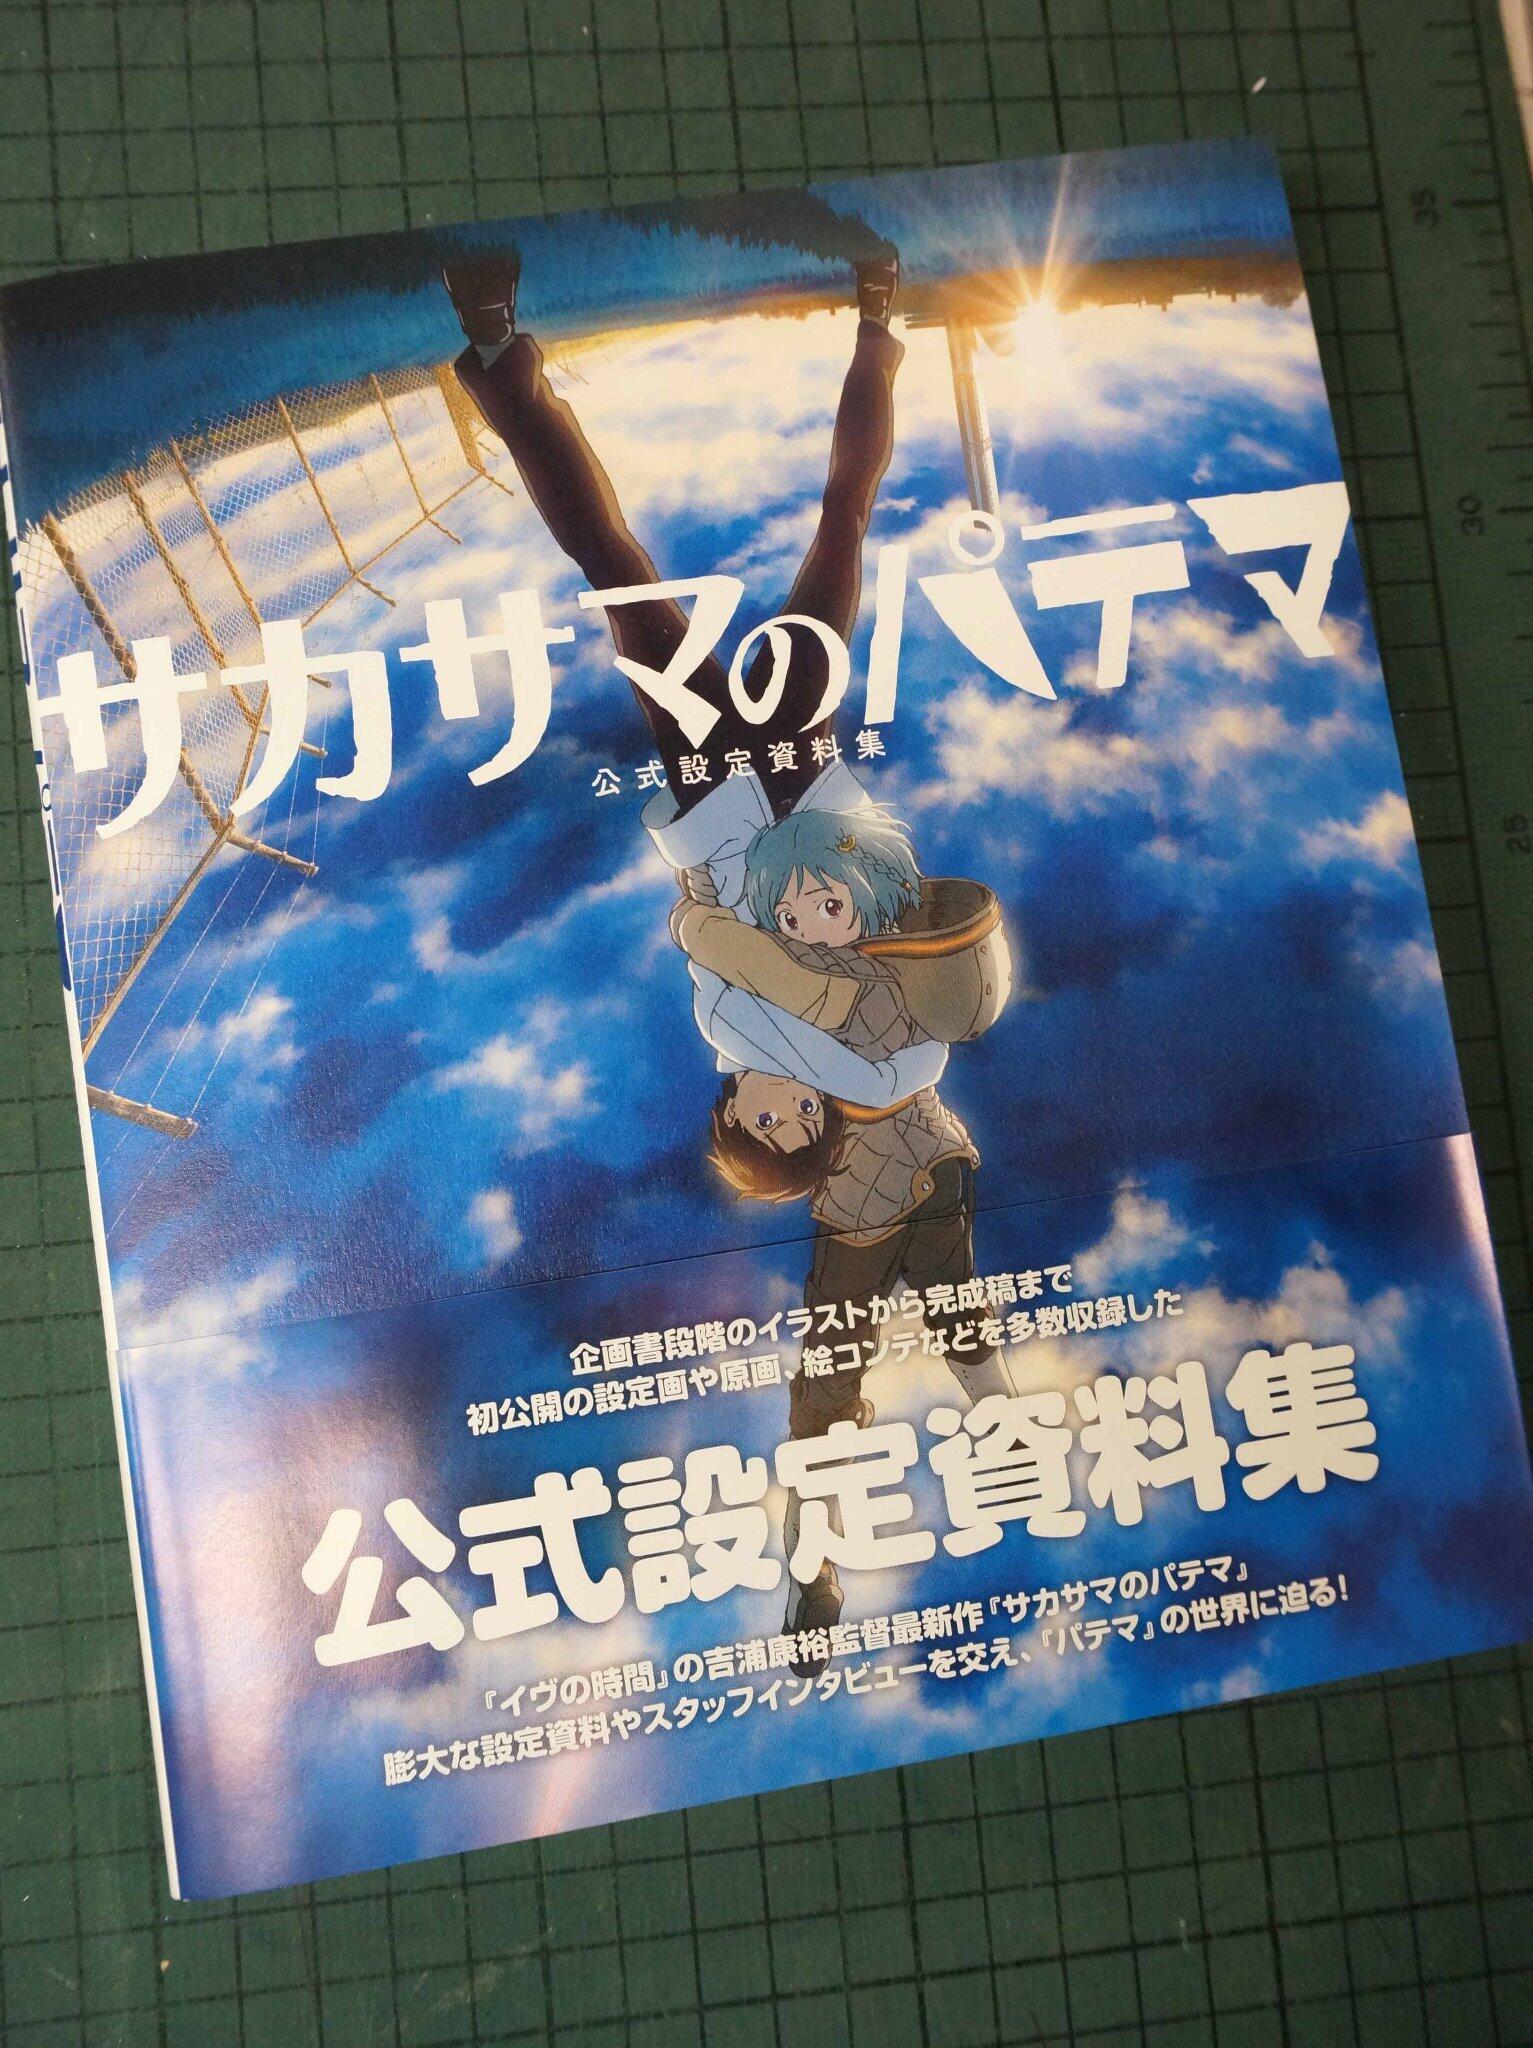 RT @febri_edit: 【書籍新刊】11月9日(土)の劇場公開が迫る『サカサマのパテマ』、オフィシャルムック『サカサマのパテマ 公式設定資料集』は11月13日(水)発売です! ※本は特にサカサマとかではないのでご安心ください http://t.co/k2po7aKzpm